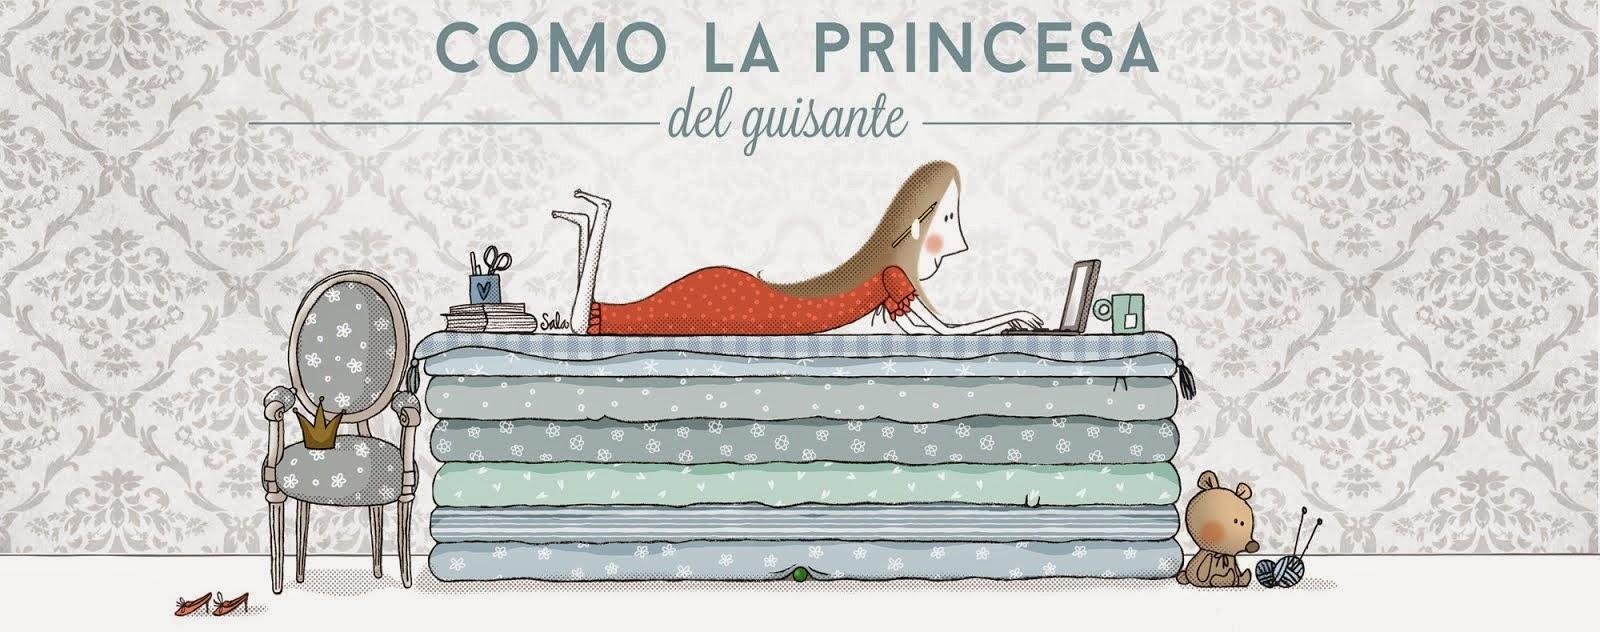 Como la princesa del guisante